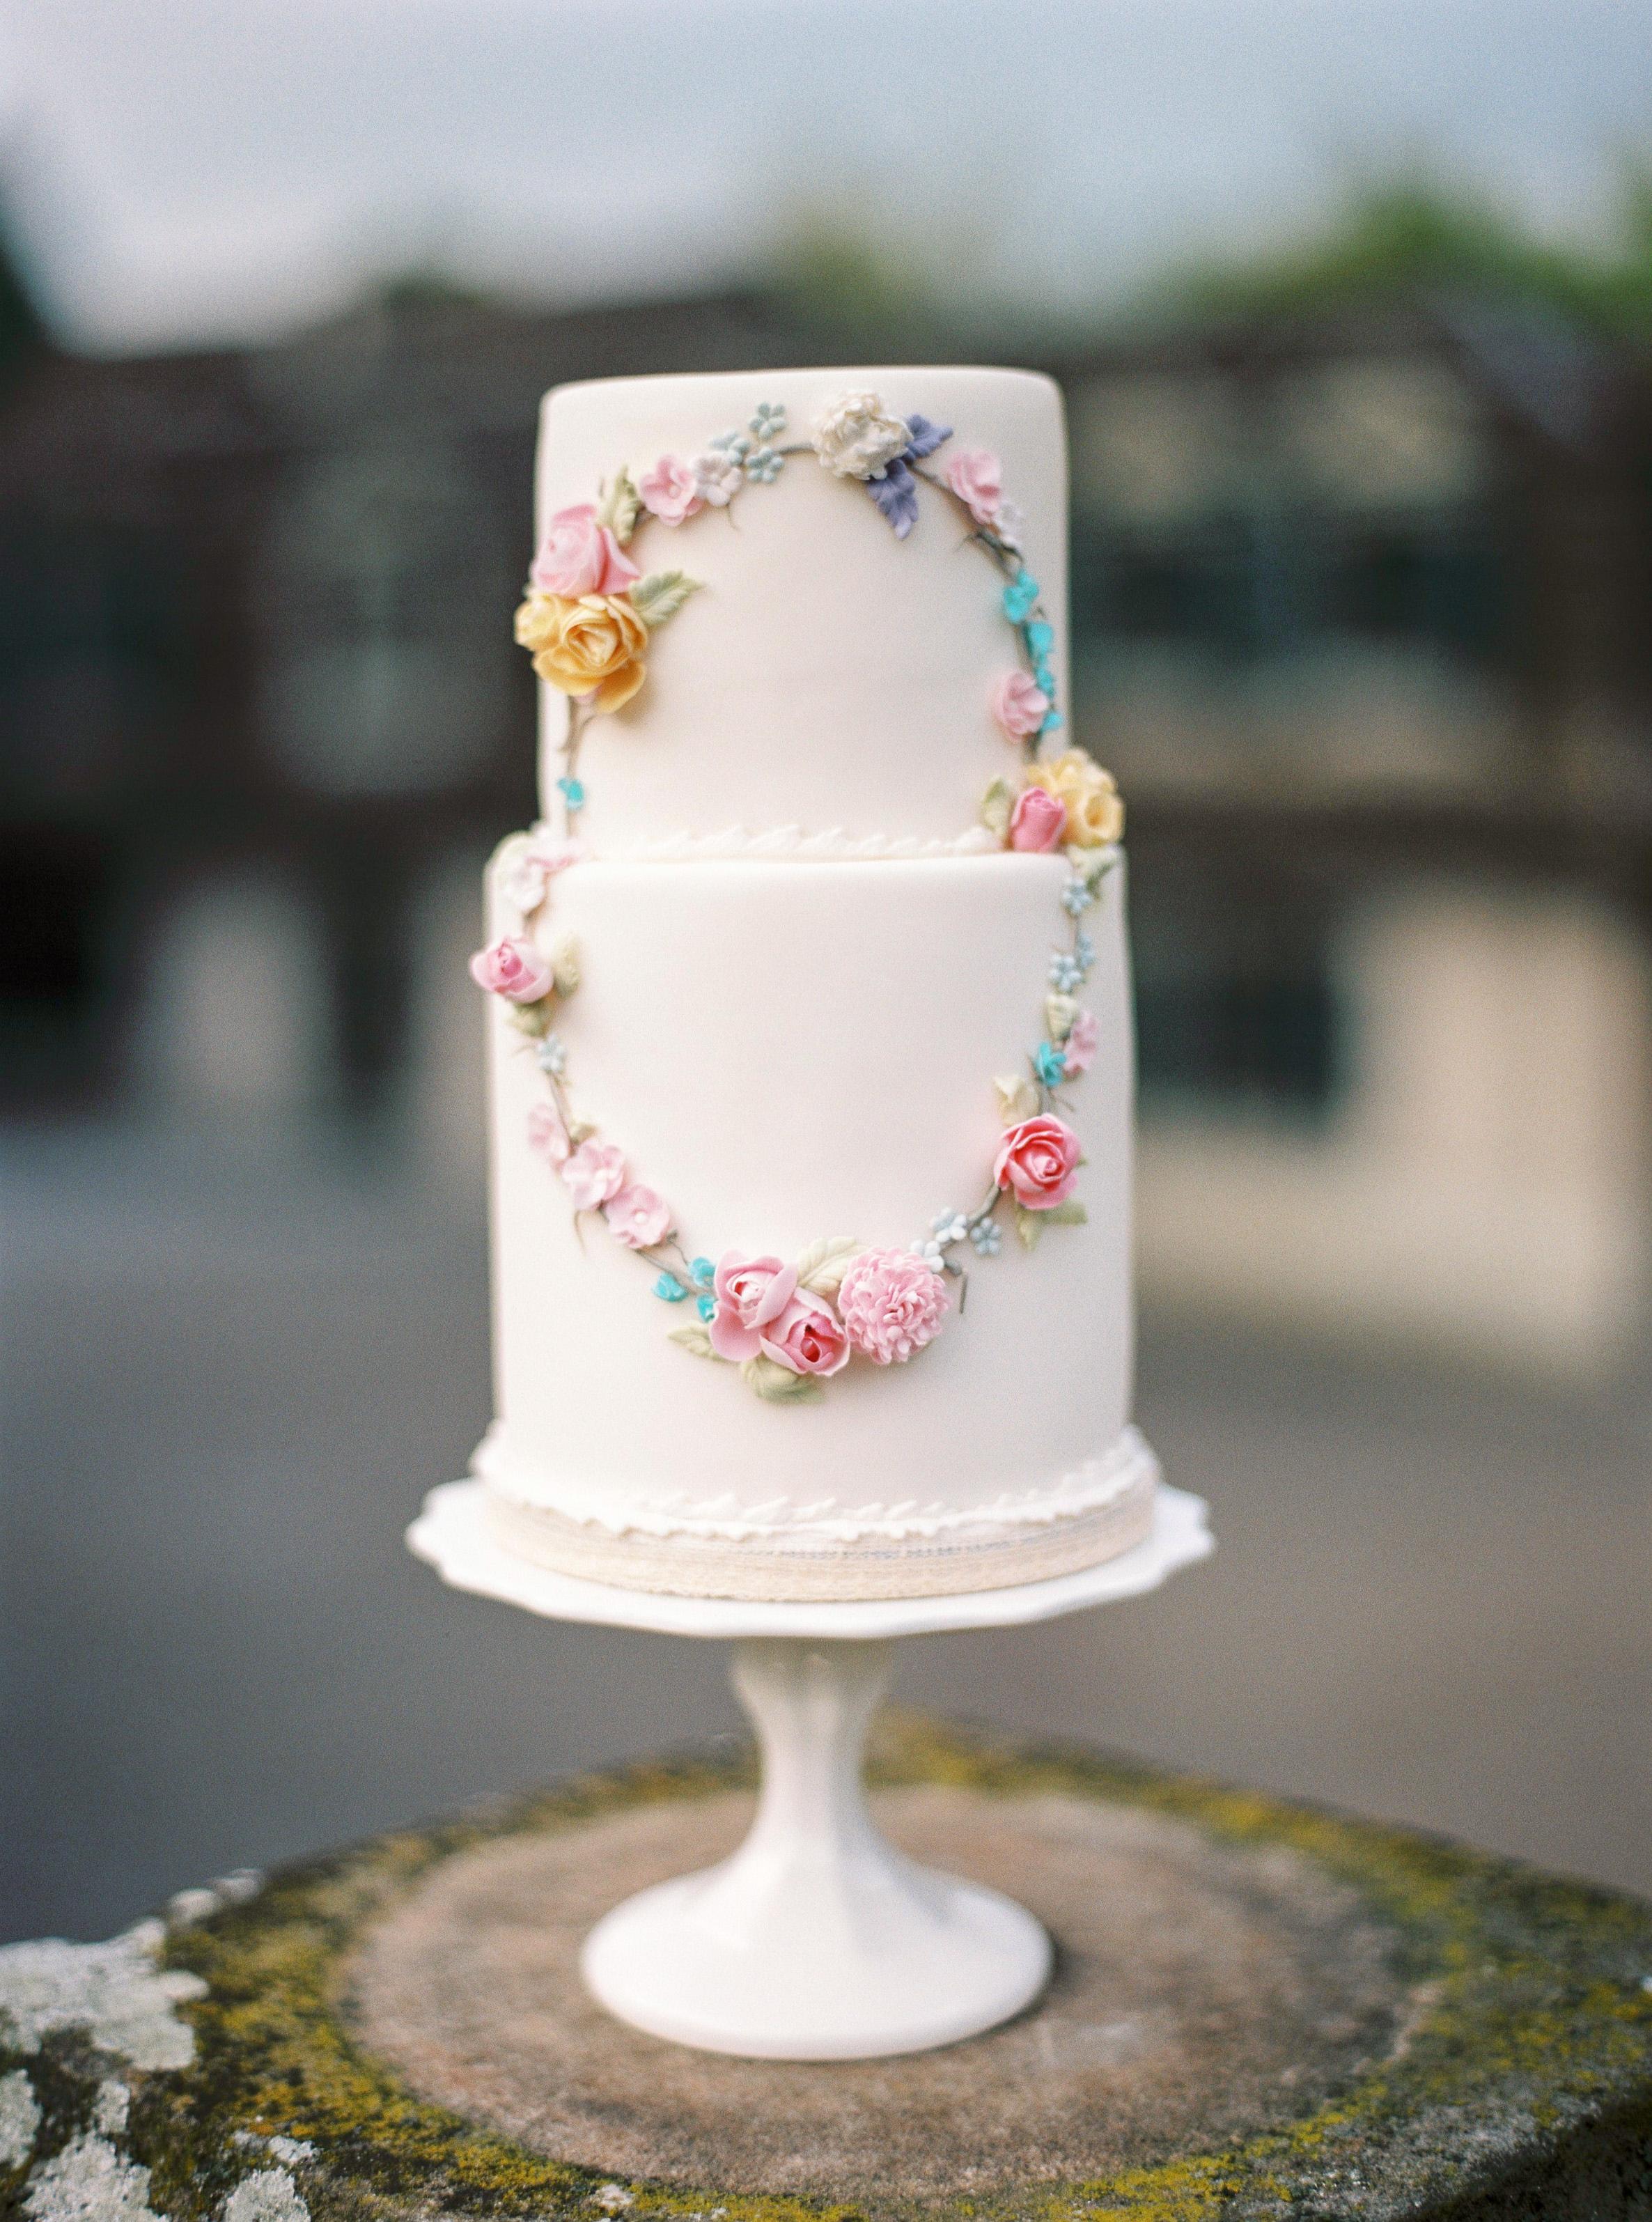 White & Sugar Flower Wreath wedding